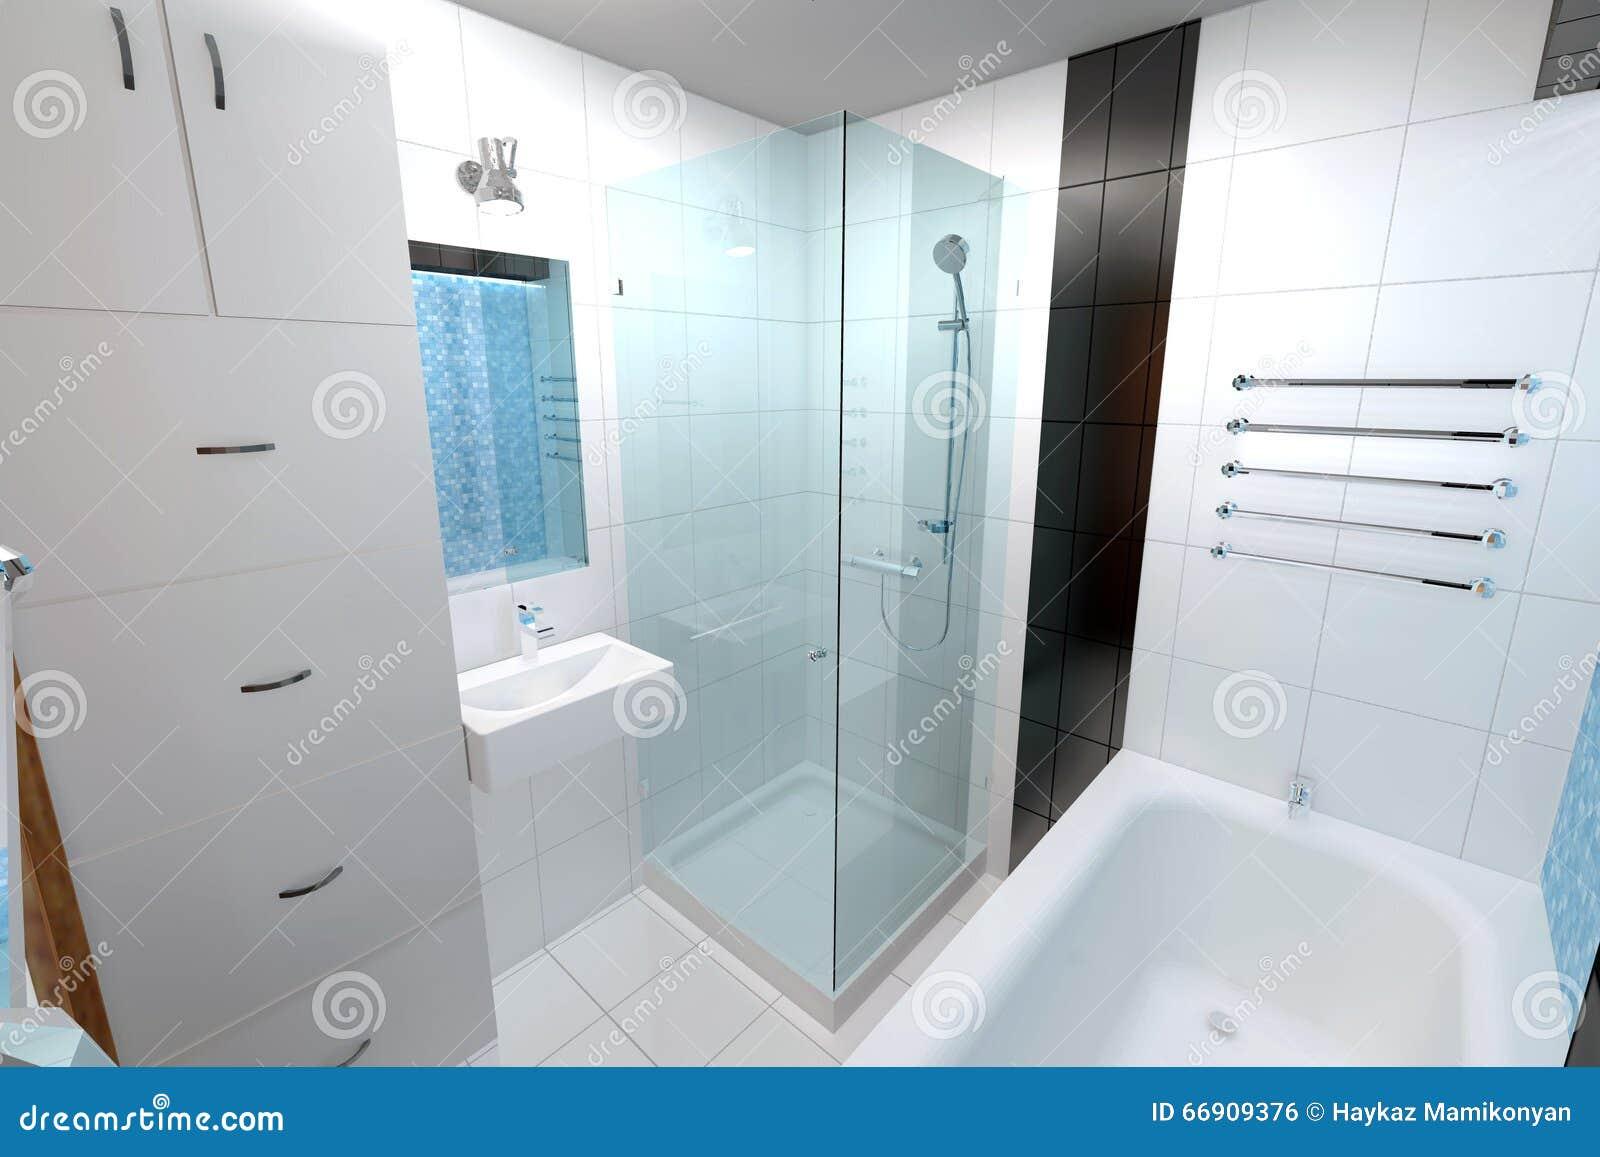 Innenarchitektur Des Badezimmers Stock Abbildung - Illustration von ...